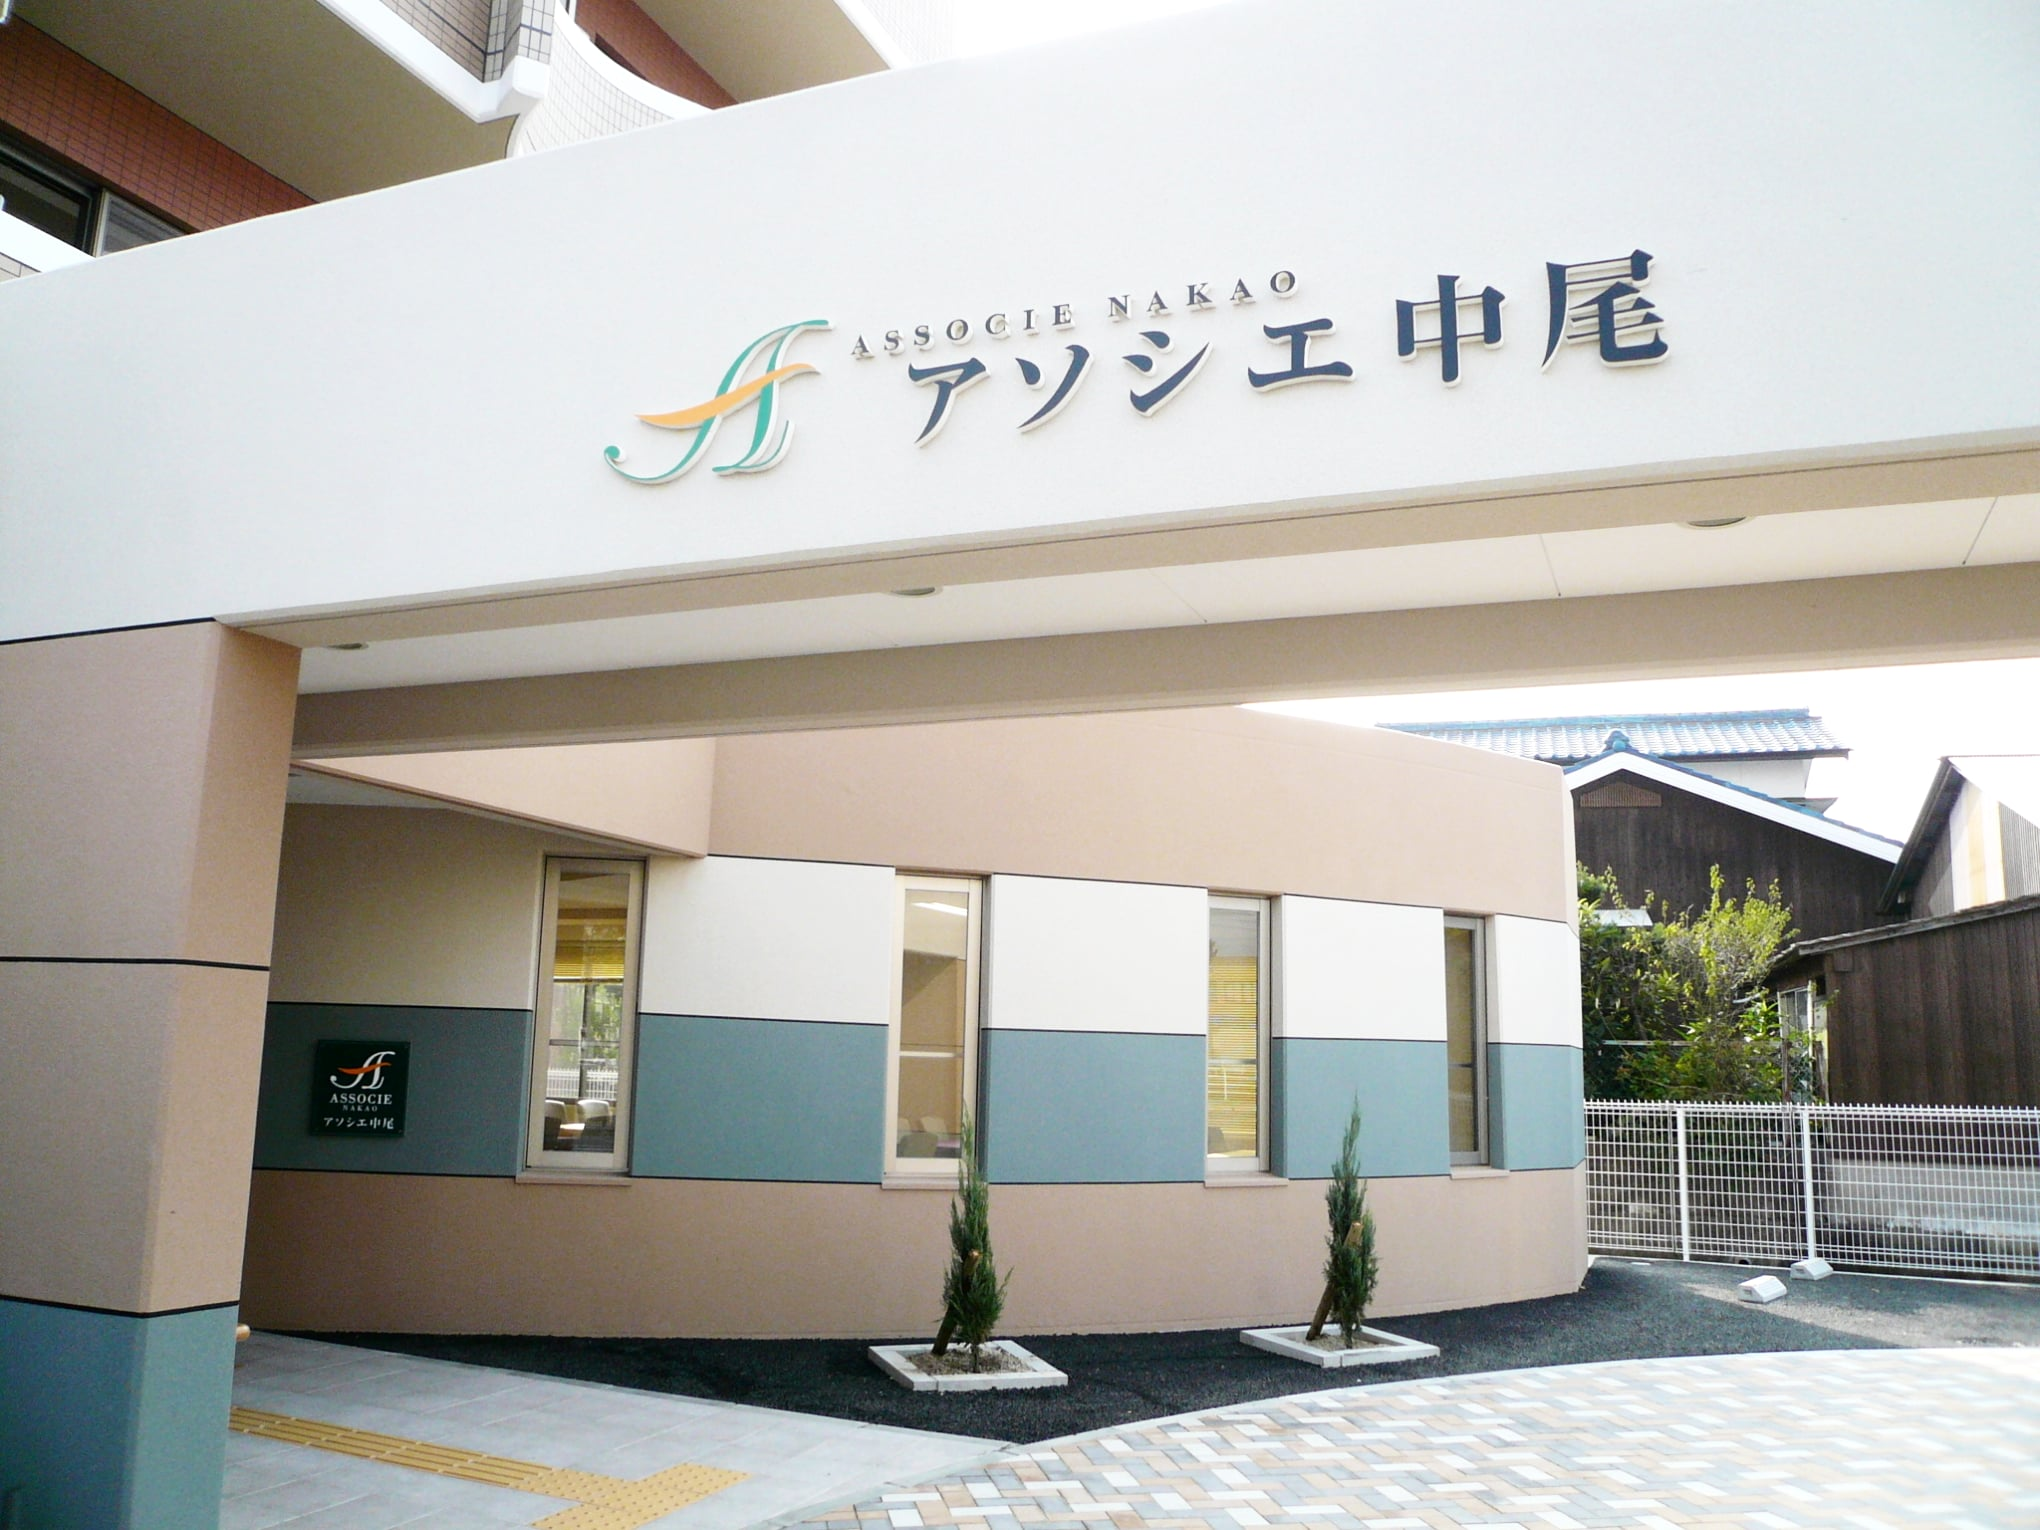 株式会社アガペ/ヘルパーステーション アソシエ中尾